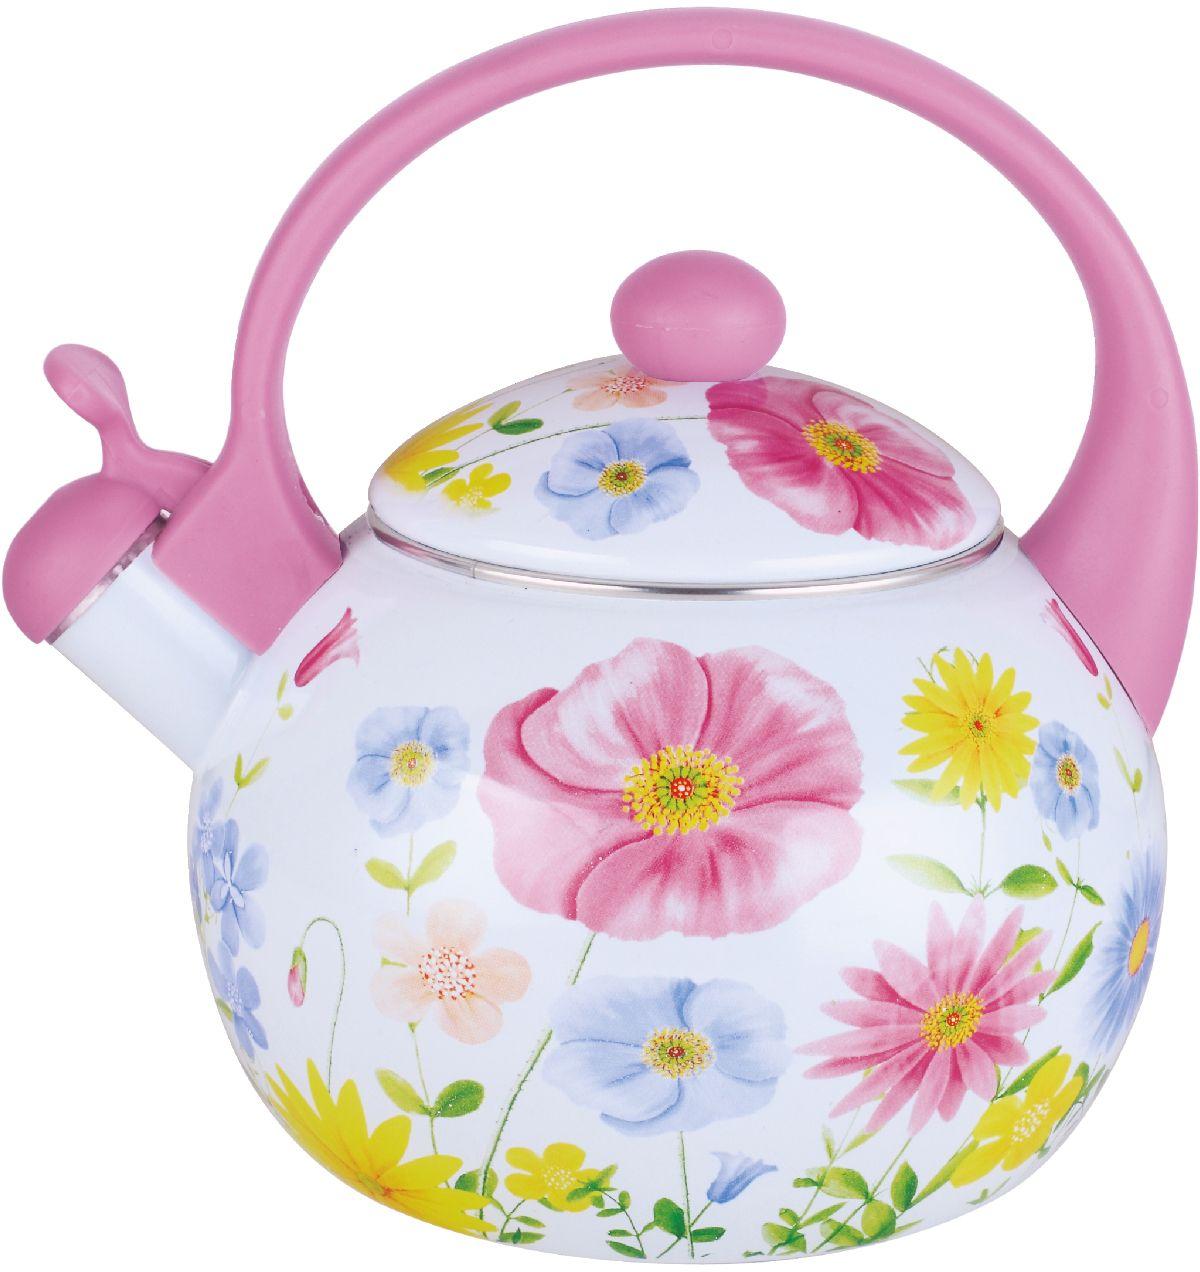 Чайник эмалированный Чудесница, со свистком, 2,5 л. ЭЧ-2513 чайники для плиты vetta чайник эмалированный